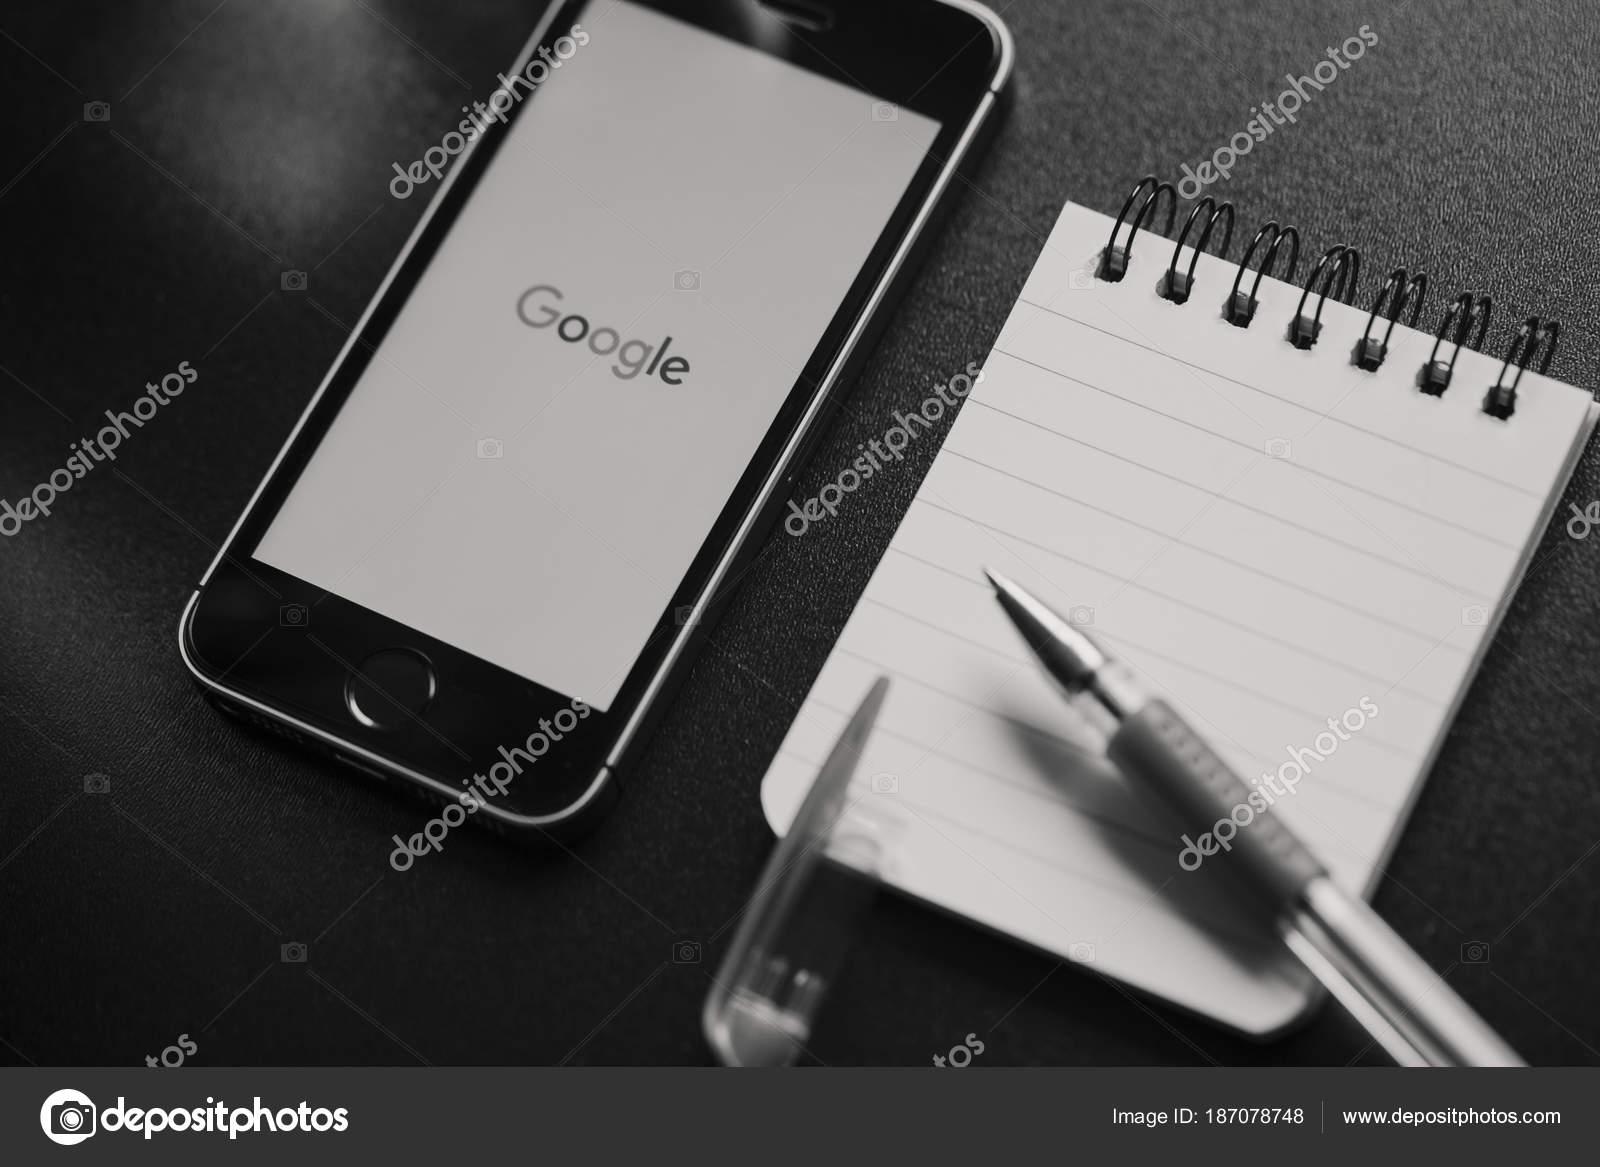 Malaga espagne 6 mars 2018 : image noir et blanc google app dans